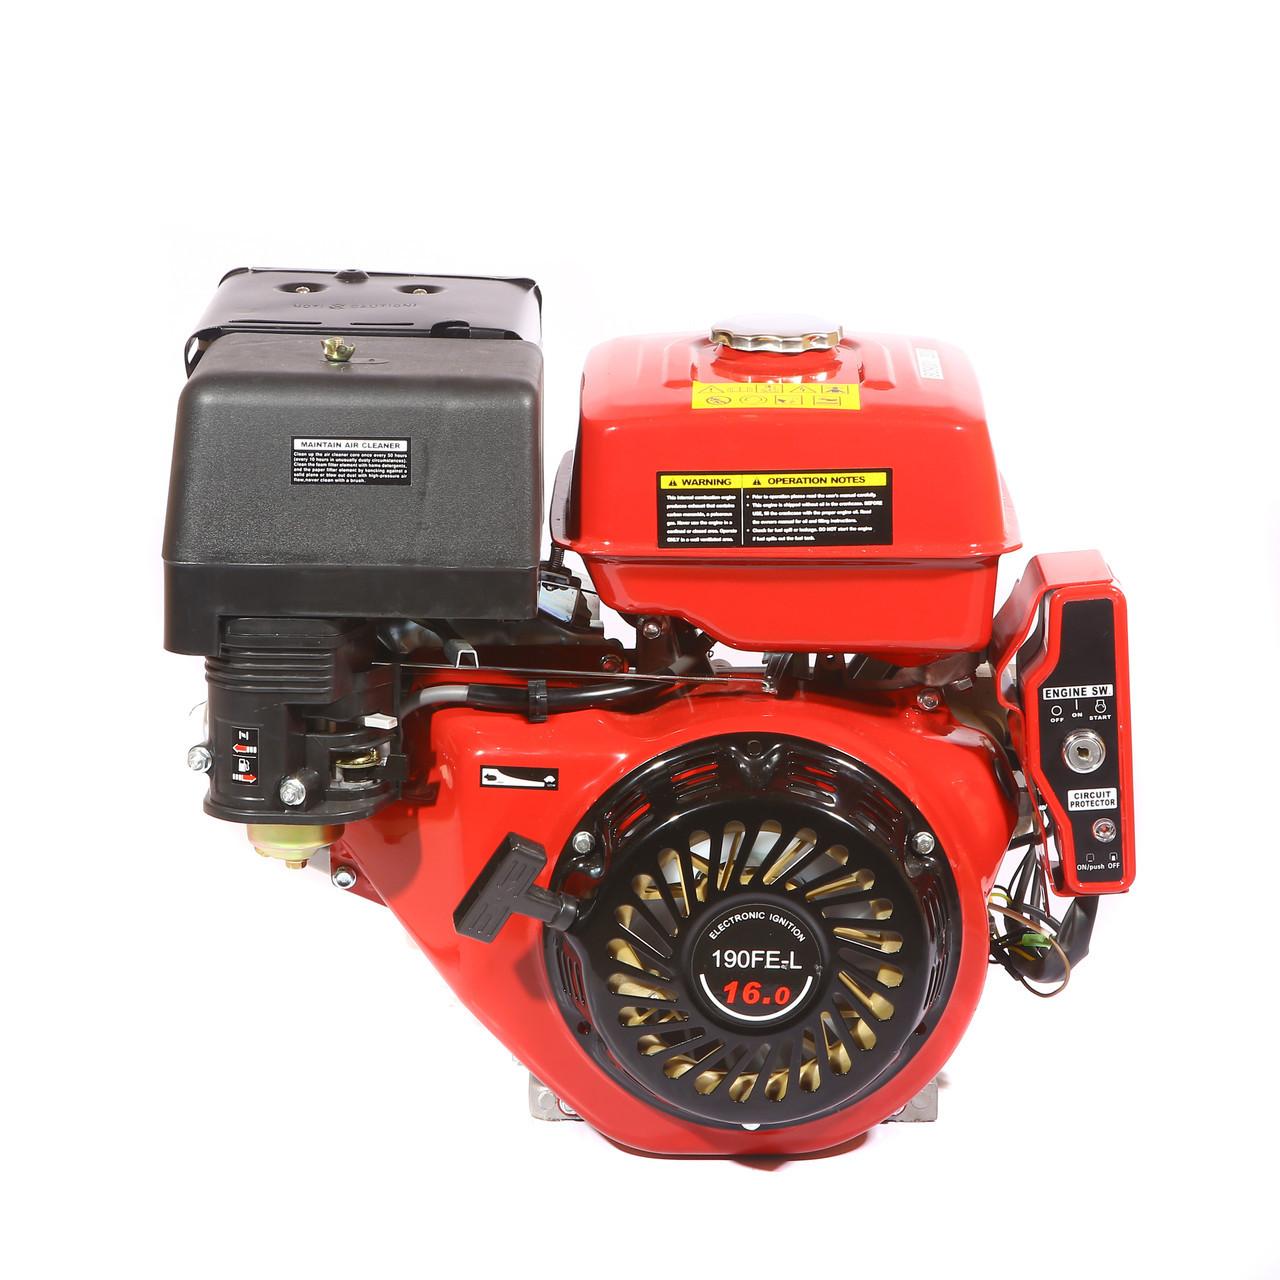 Двигатель WEIMA WM190FЕ-L (HONDA GX420) (редуктор 1/2, шпонка, бензин 16л.с., электростартер) - Интернет-магазин «Моё дело» в Харькове